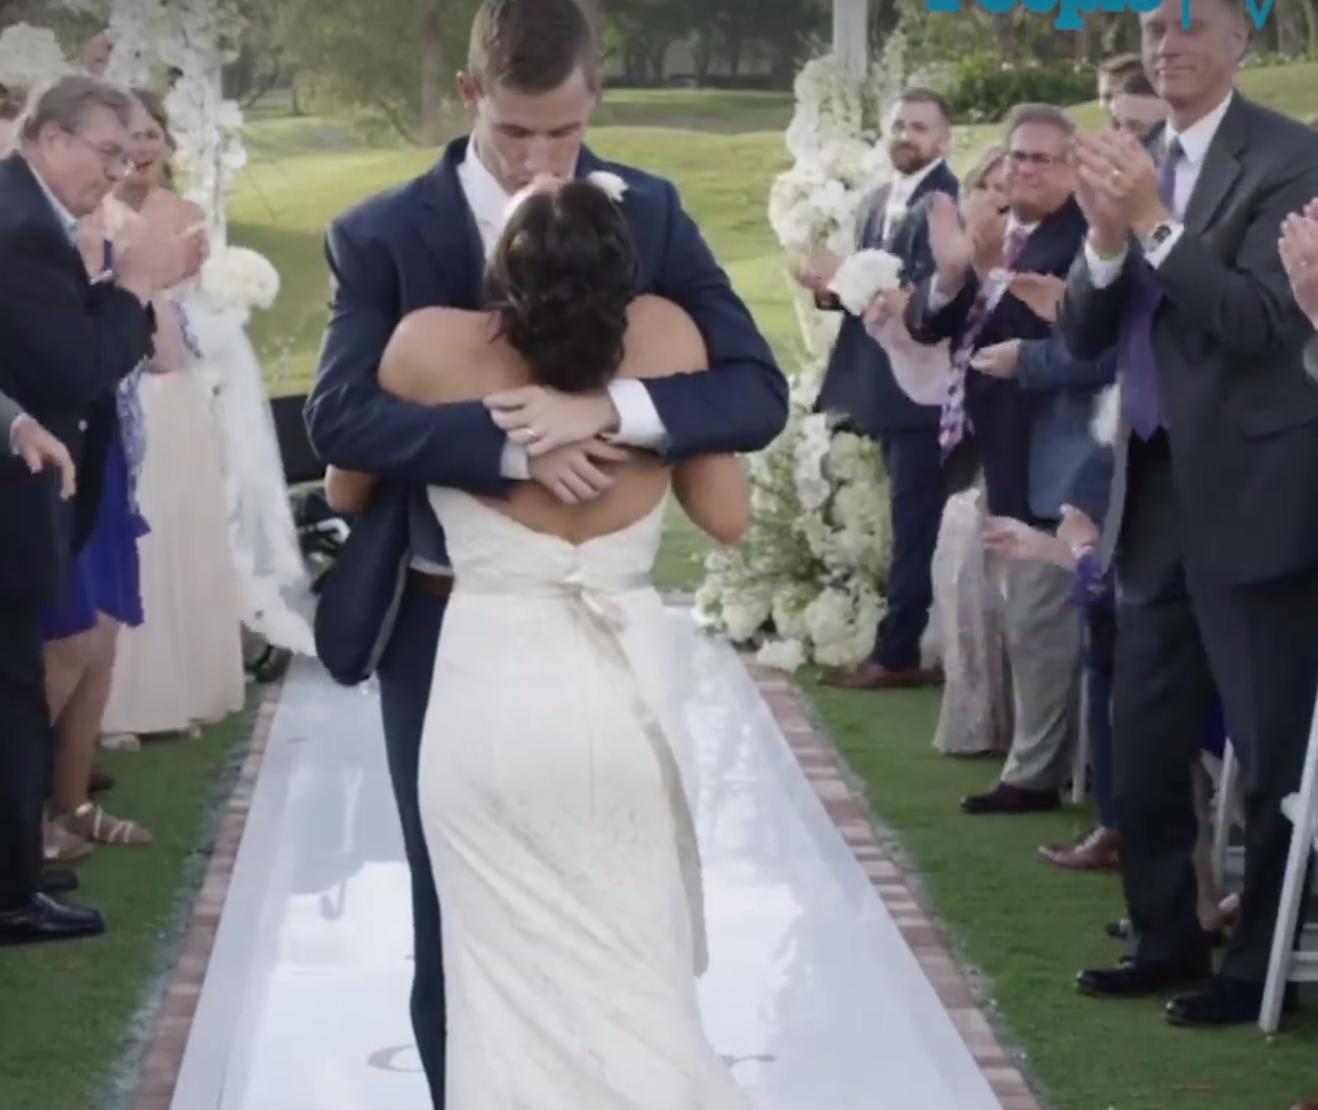 Jovem paraplégico caminha ao lado da noiva no dia do casamento e é impossível não se emocionar 3